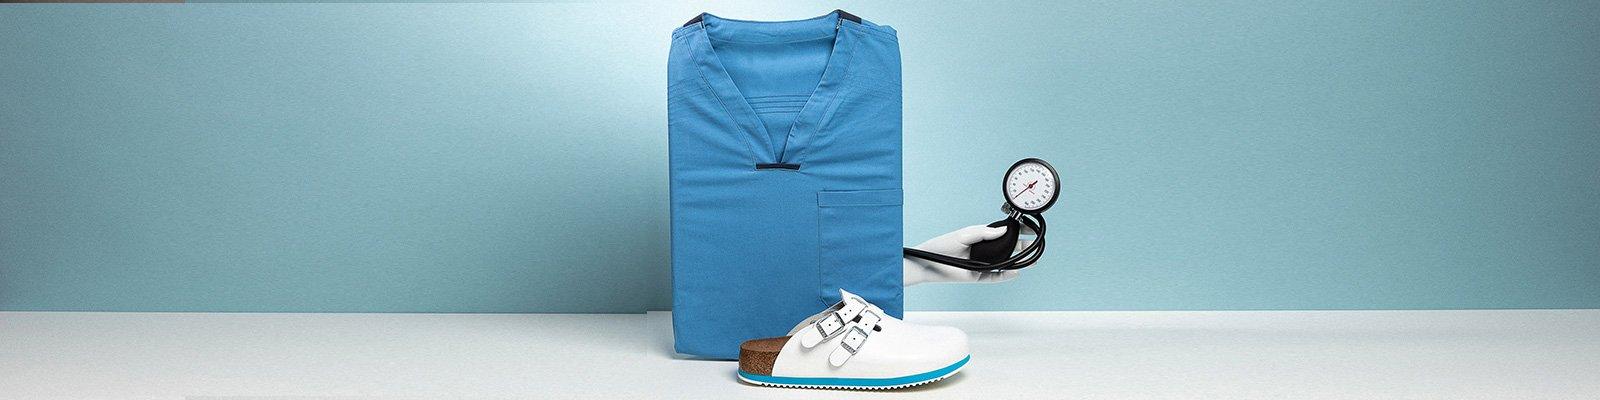 Професионални работни чехли Birkenstock Kay SL SF SG - корица с медицинска униформа в синьо